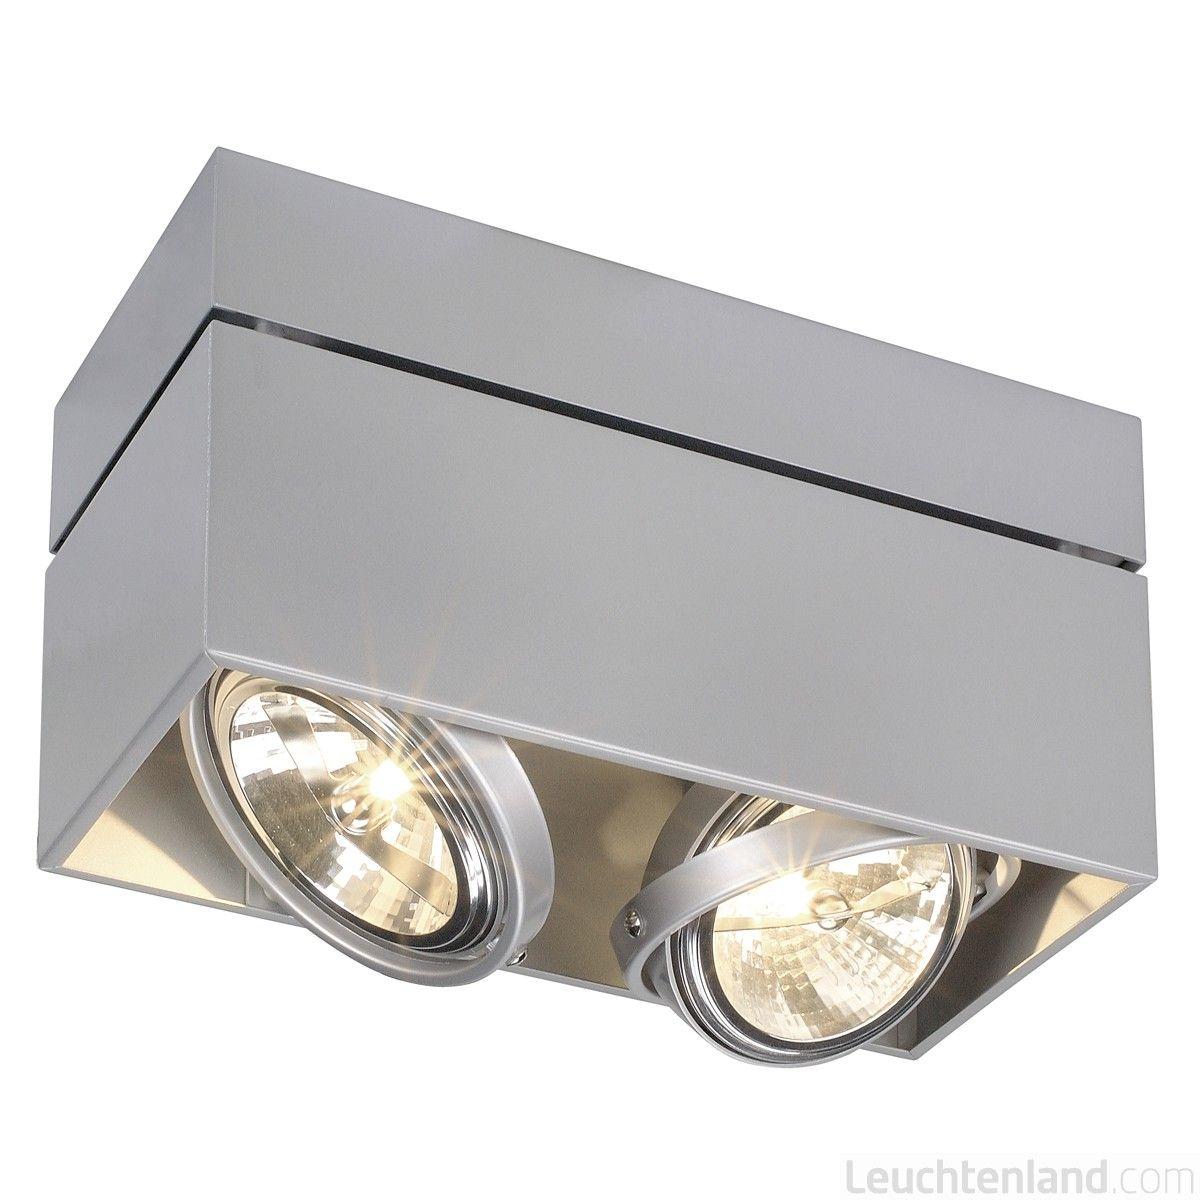 SLV Leuchten Lampen von SLV günstig kaufen